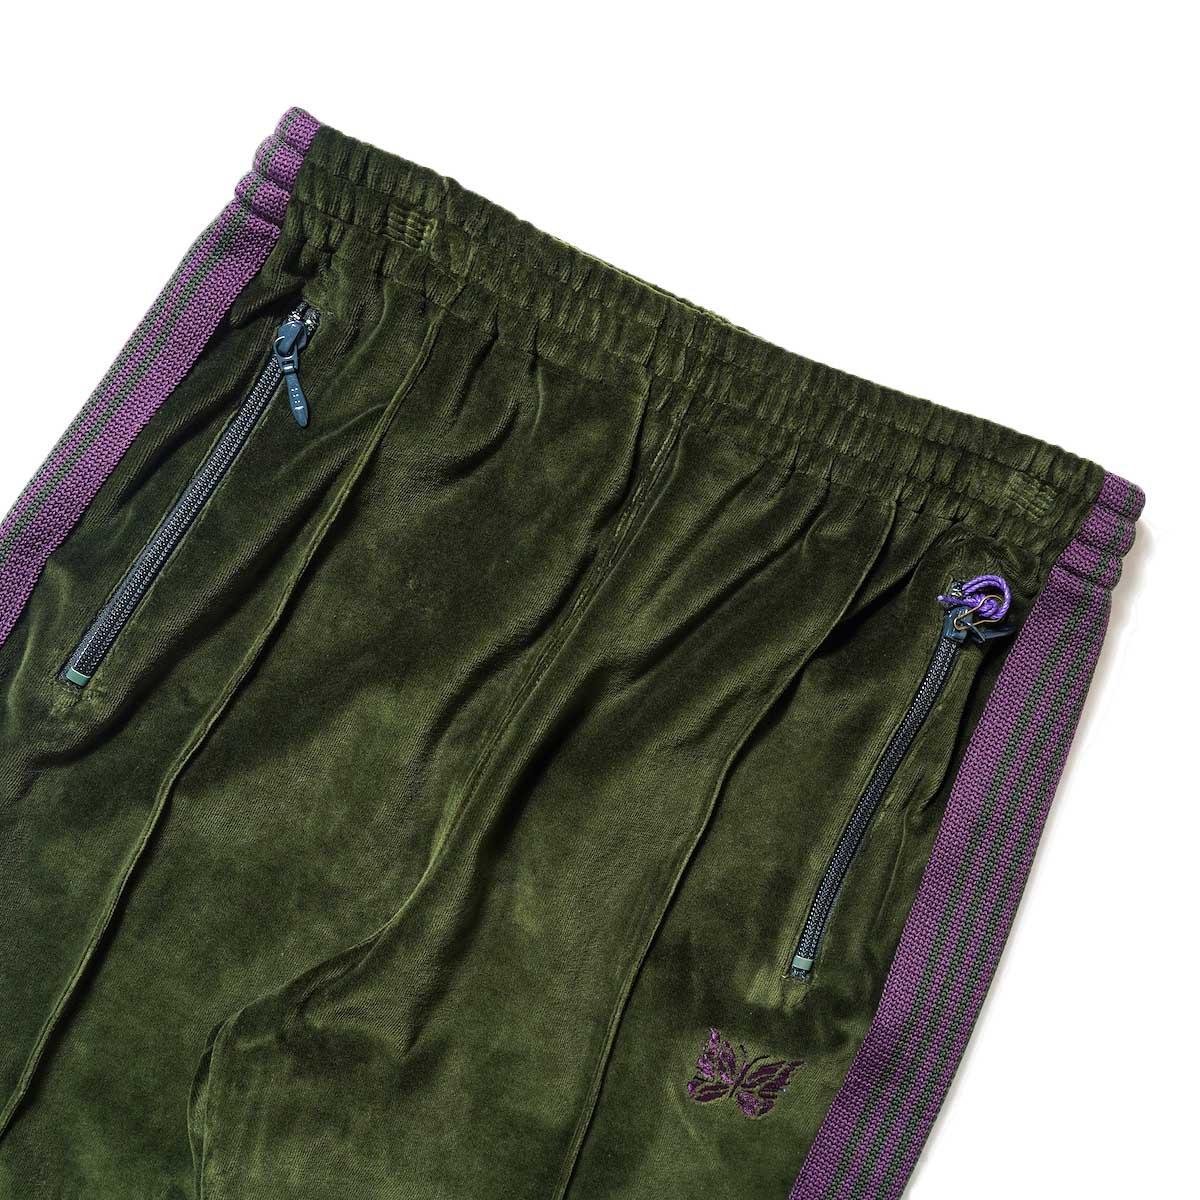 Needles / NARROW TRACK PANT - C/PE VELOUR (Green)ウエスト